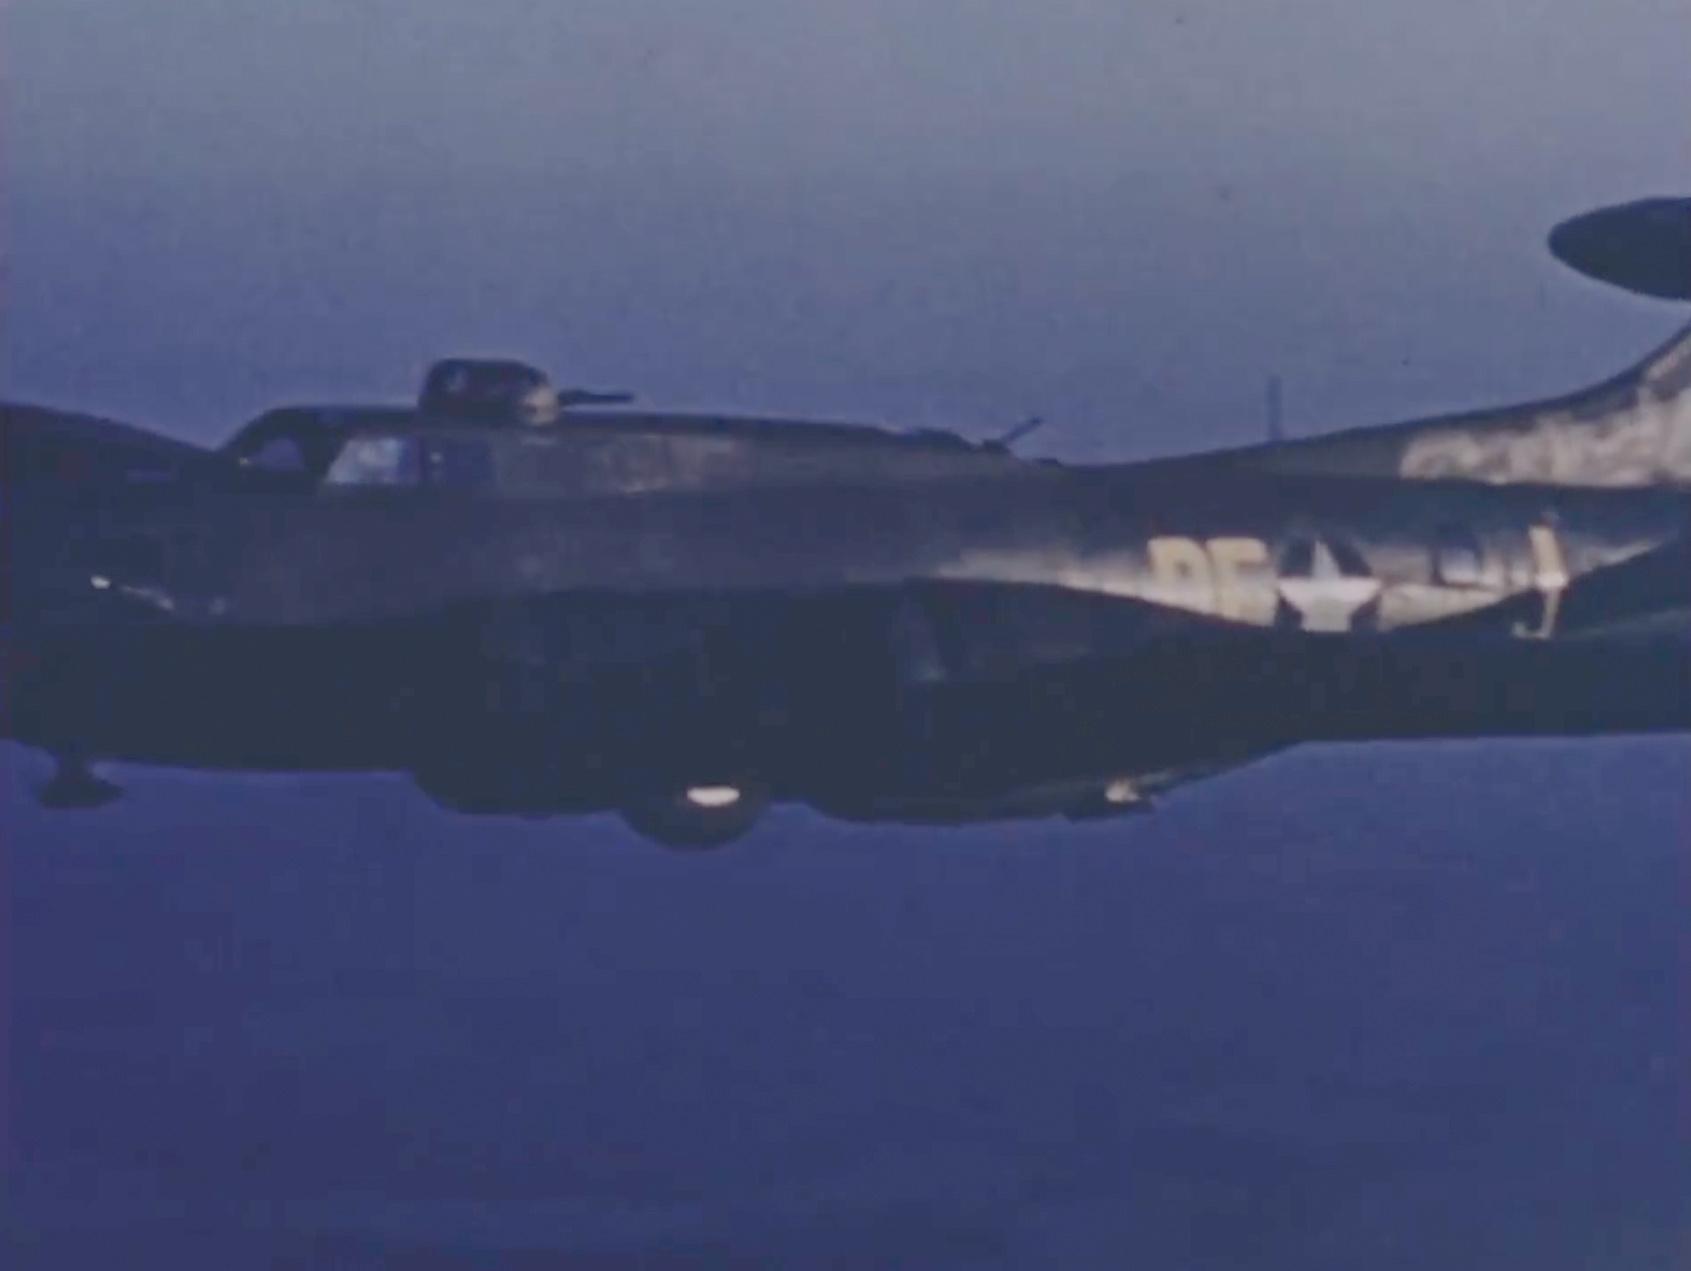 B-17 #41-24464 / Excalibur